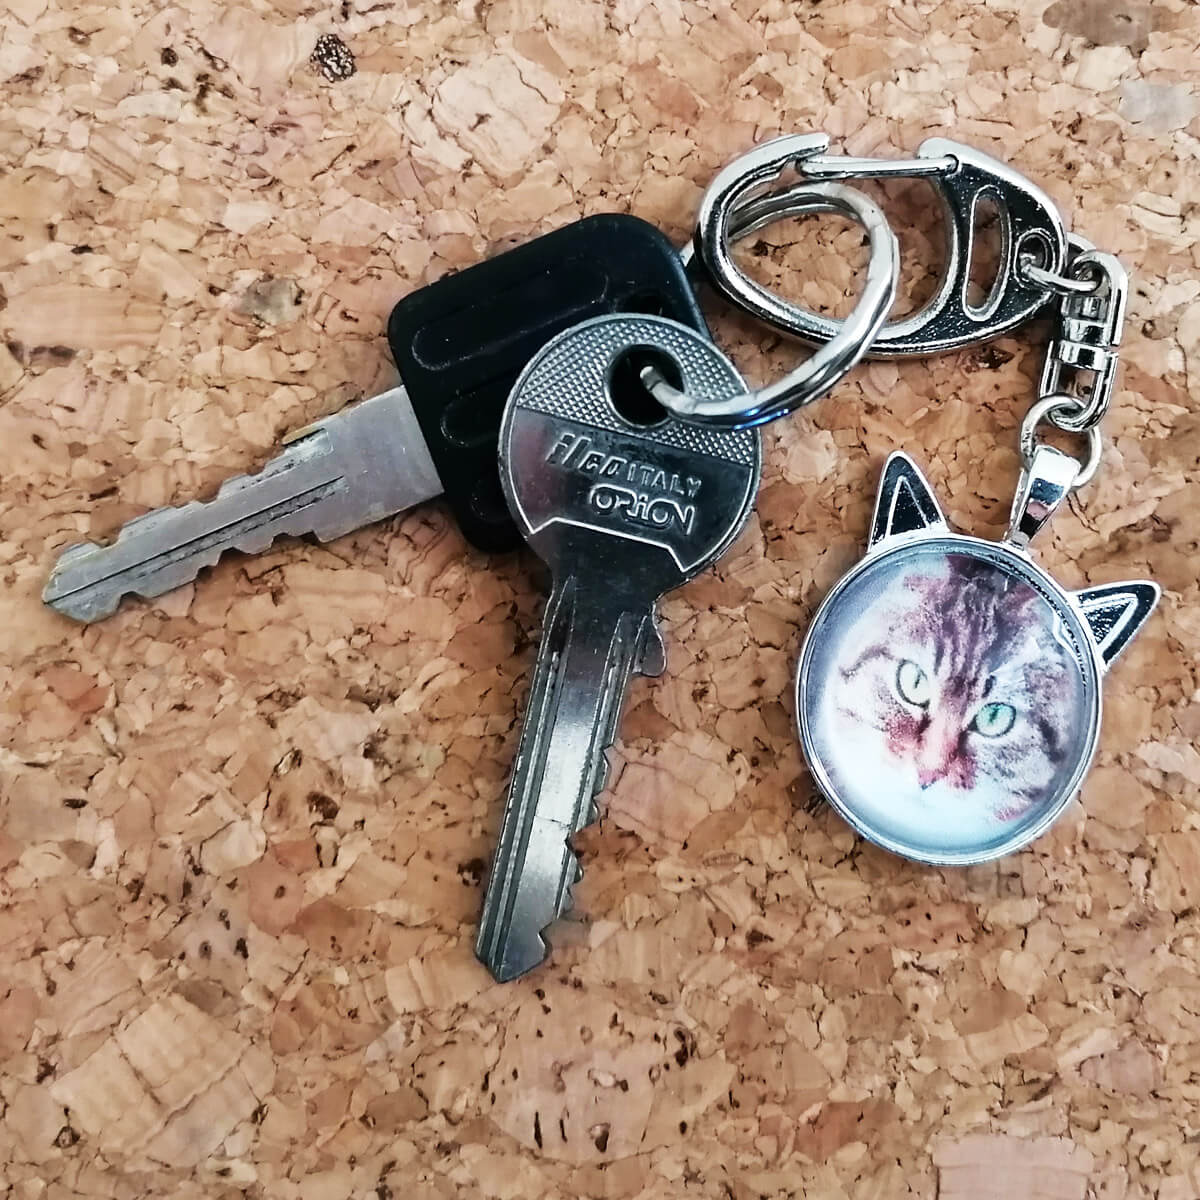 Cadeau voor de poezen katten liefhebber: sleutelhanger met eigen poezen foto